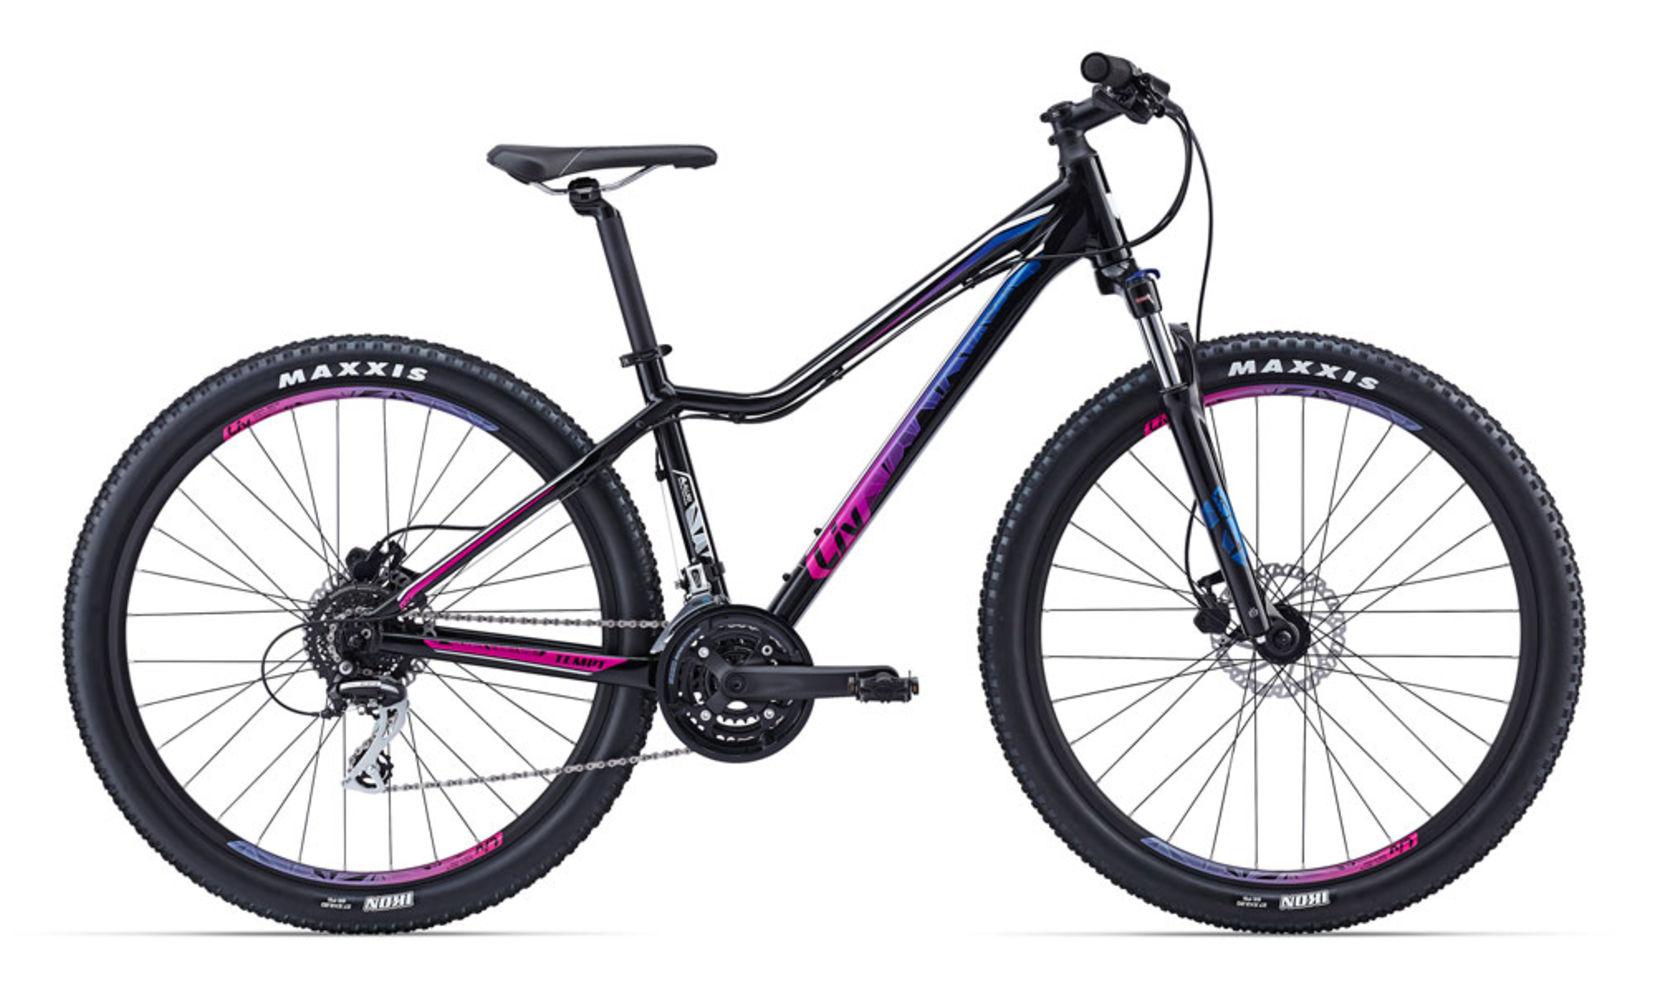 e94672947 LIV - Bicicleta de montaña de mujer - Tempt - GIANT